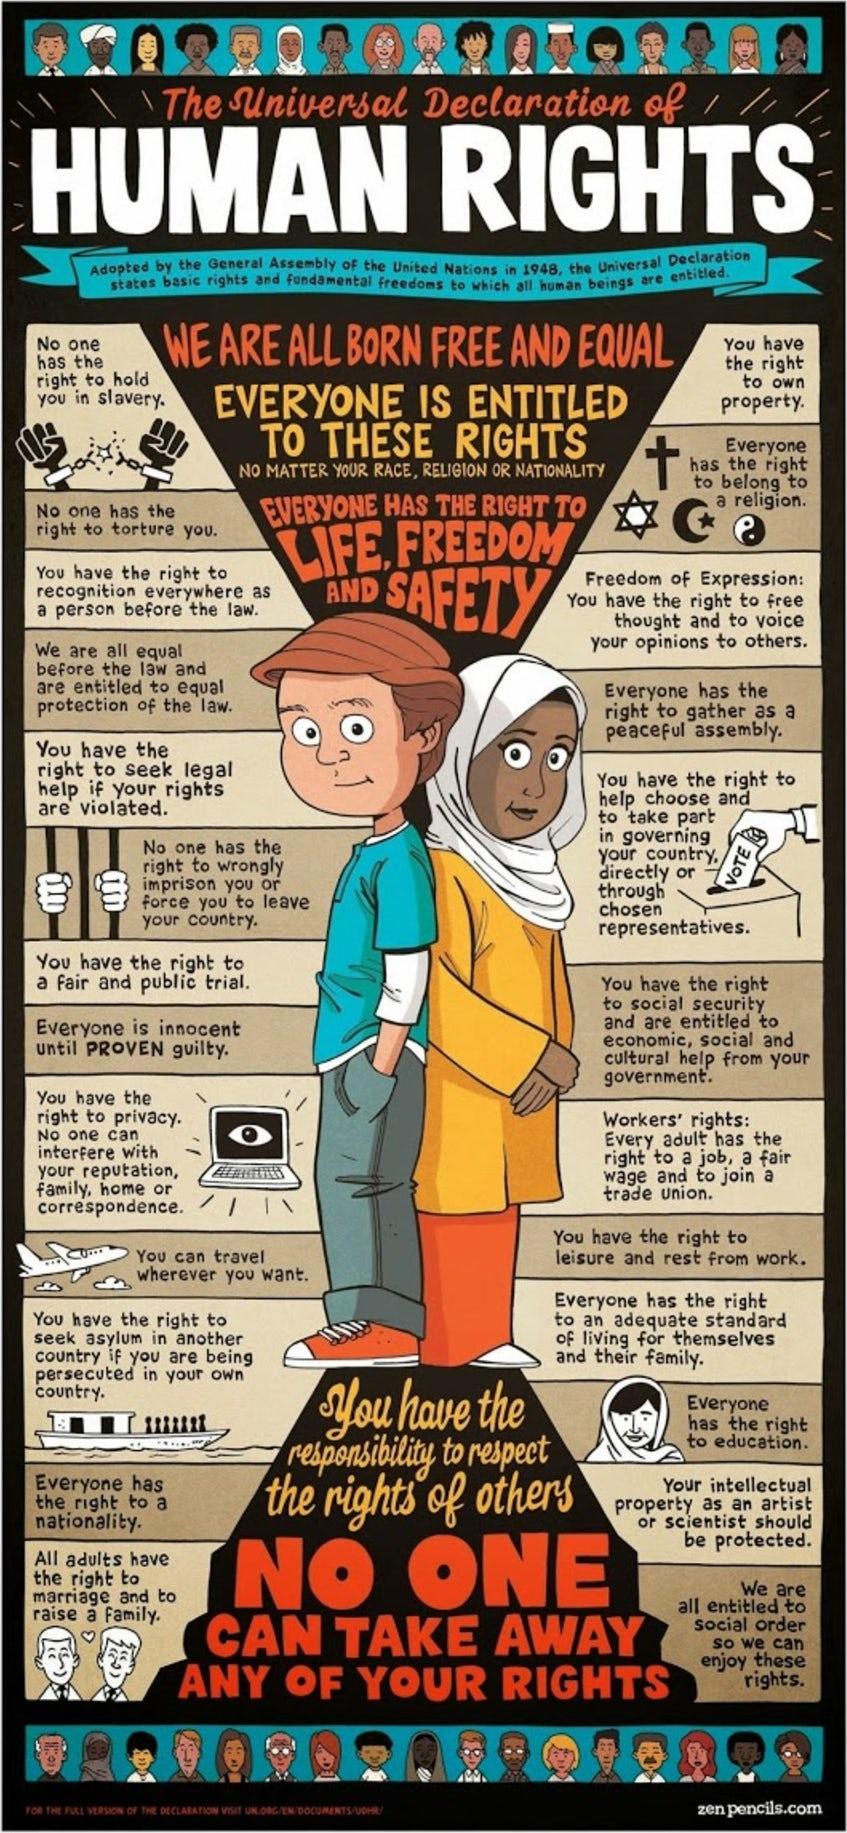 Universal declaration of human rights.jpg?ixlib=rails 0.3